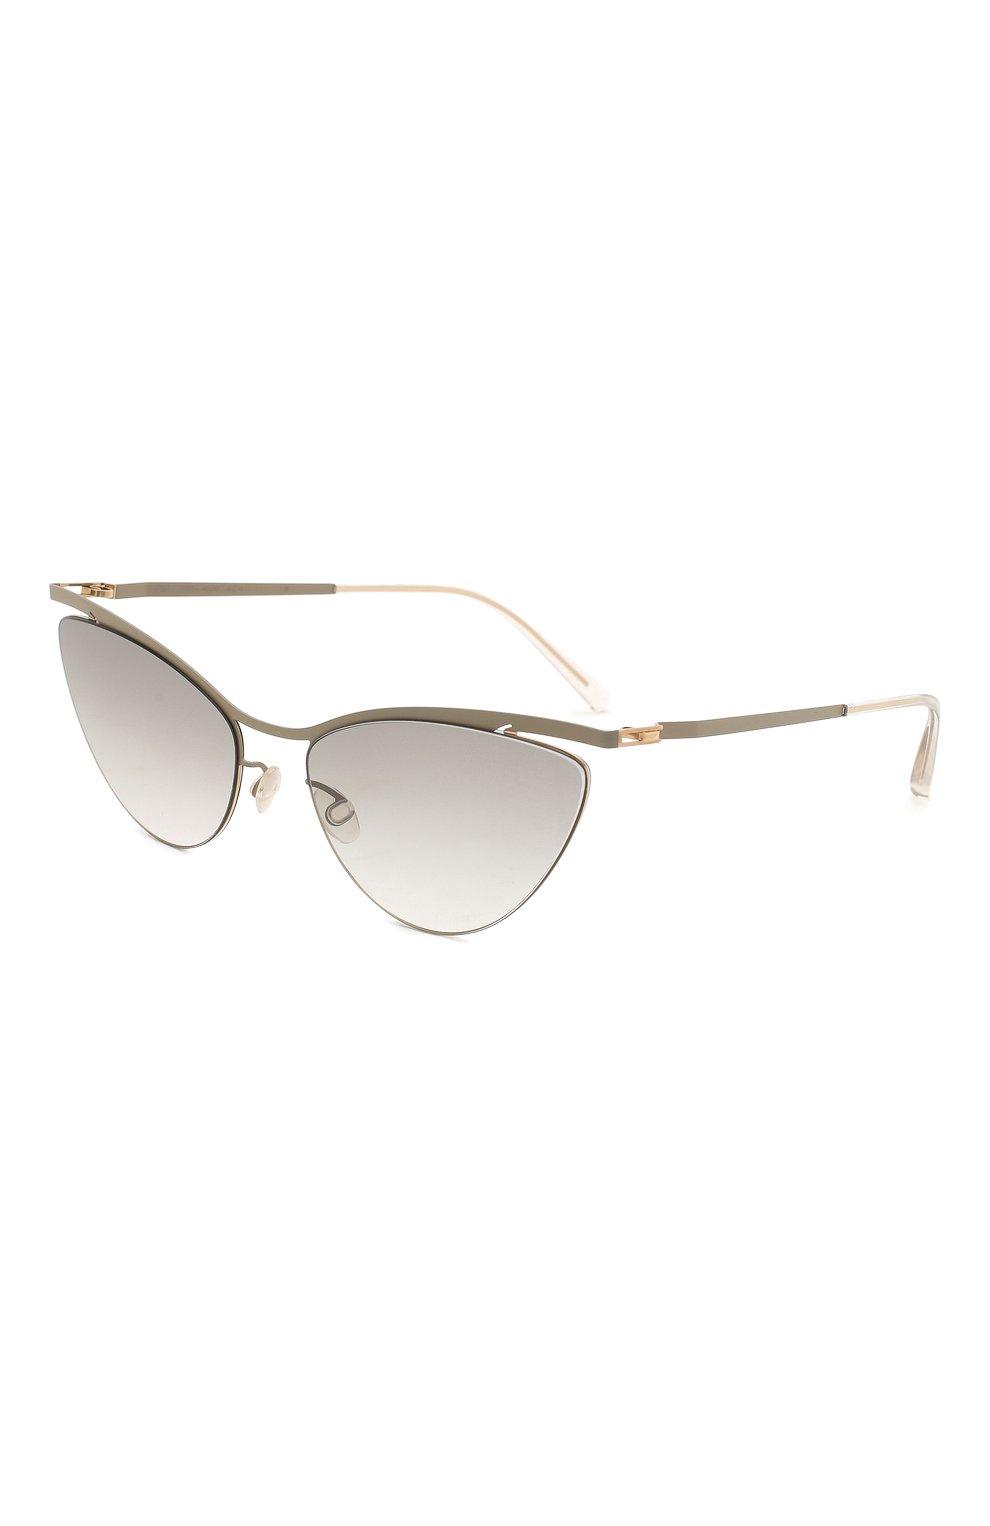 Женские солнцезащитные очки MYKITA серого цвета, арт. MIZUH0/CHAMPAGNEG0LD/TAUPEGREY/0RIGINAL GREY | Фото 1